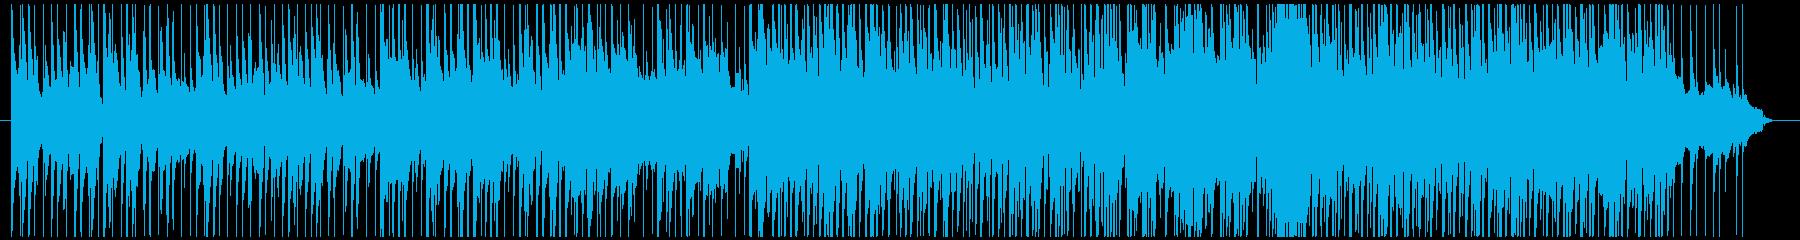 怪しげな占いの館風エキゾチックアラビア曲の再生済みの波形